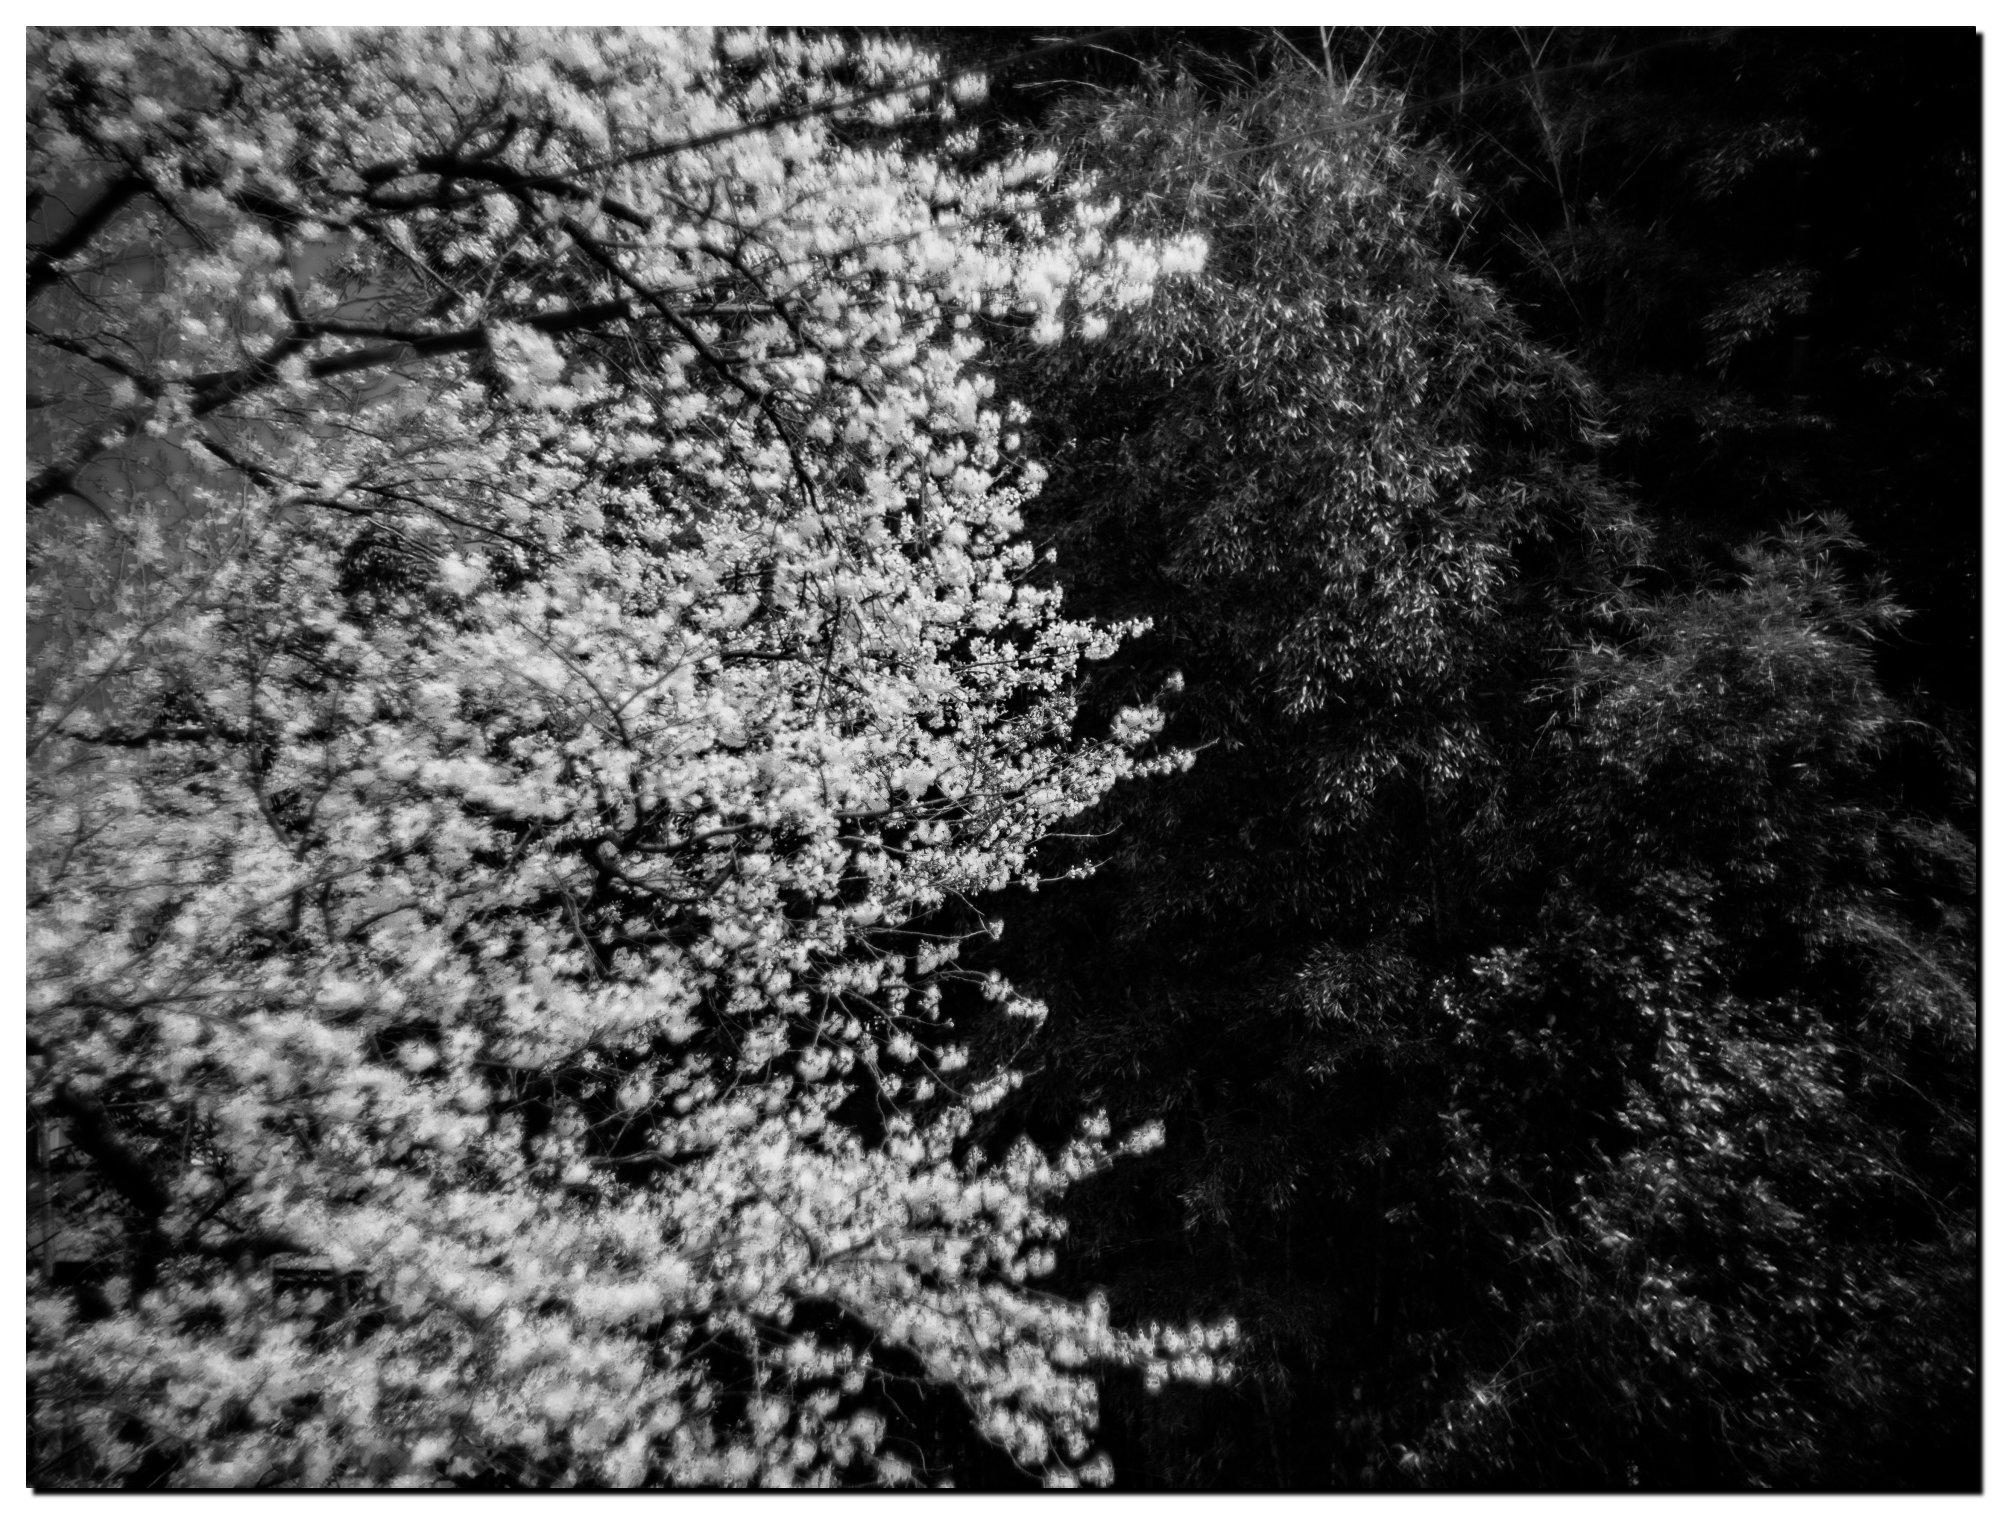 02LR-PF032594-Edit-2.jpg